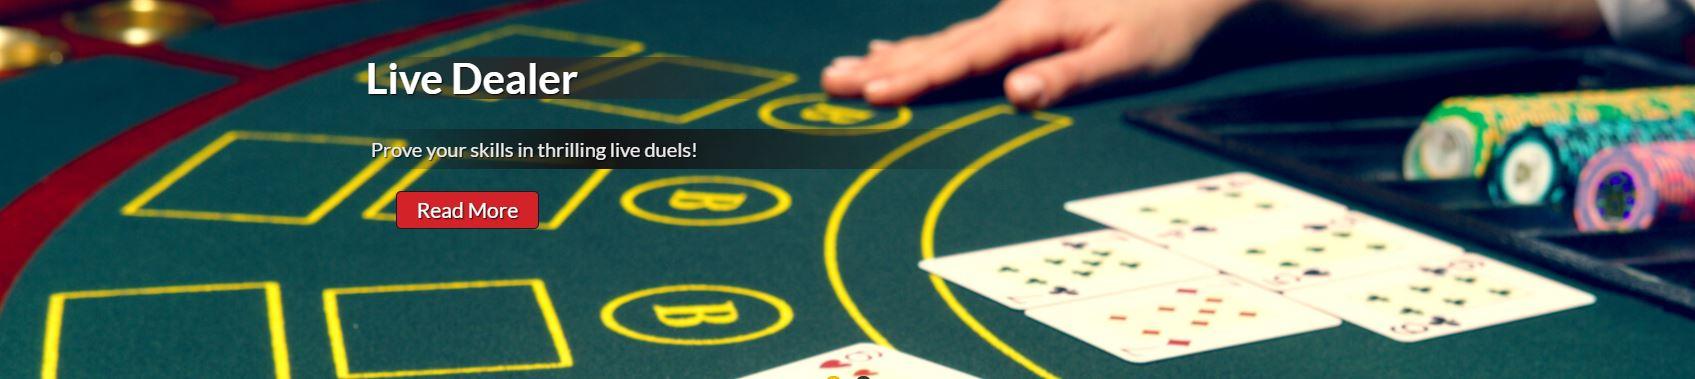 Bonkersbet Live casino